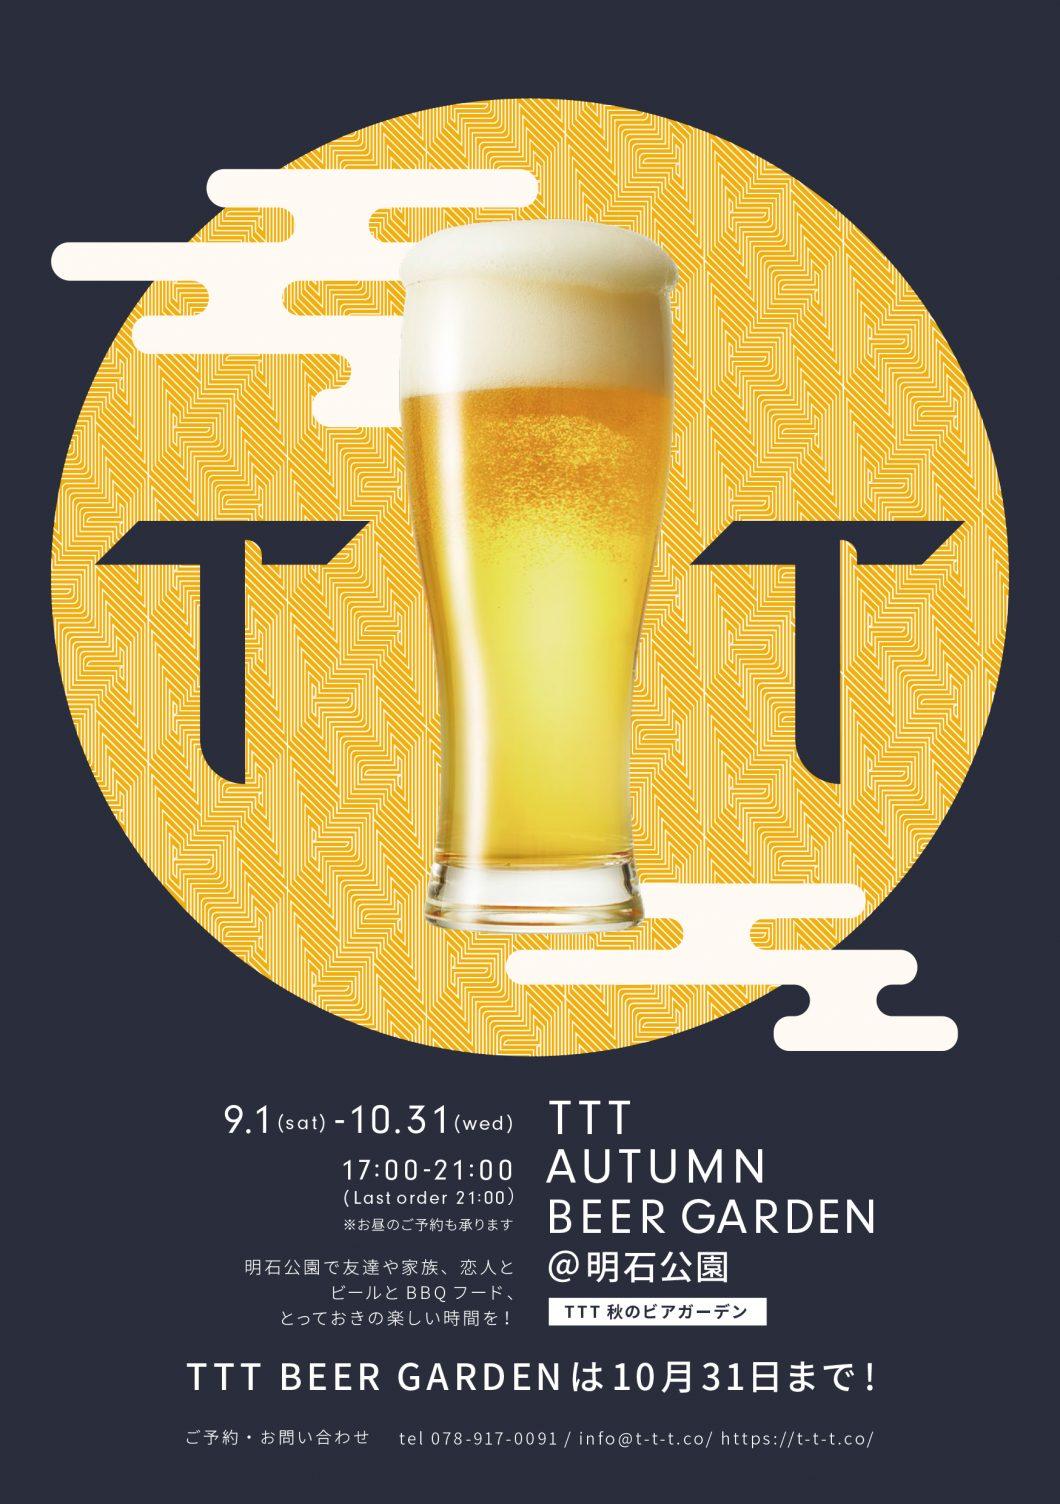 ttt beer garden 秋のビアガーデン9月1日 10月31日まで開催中 ご予約